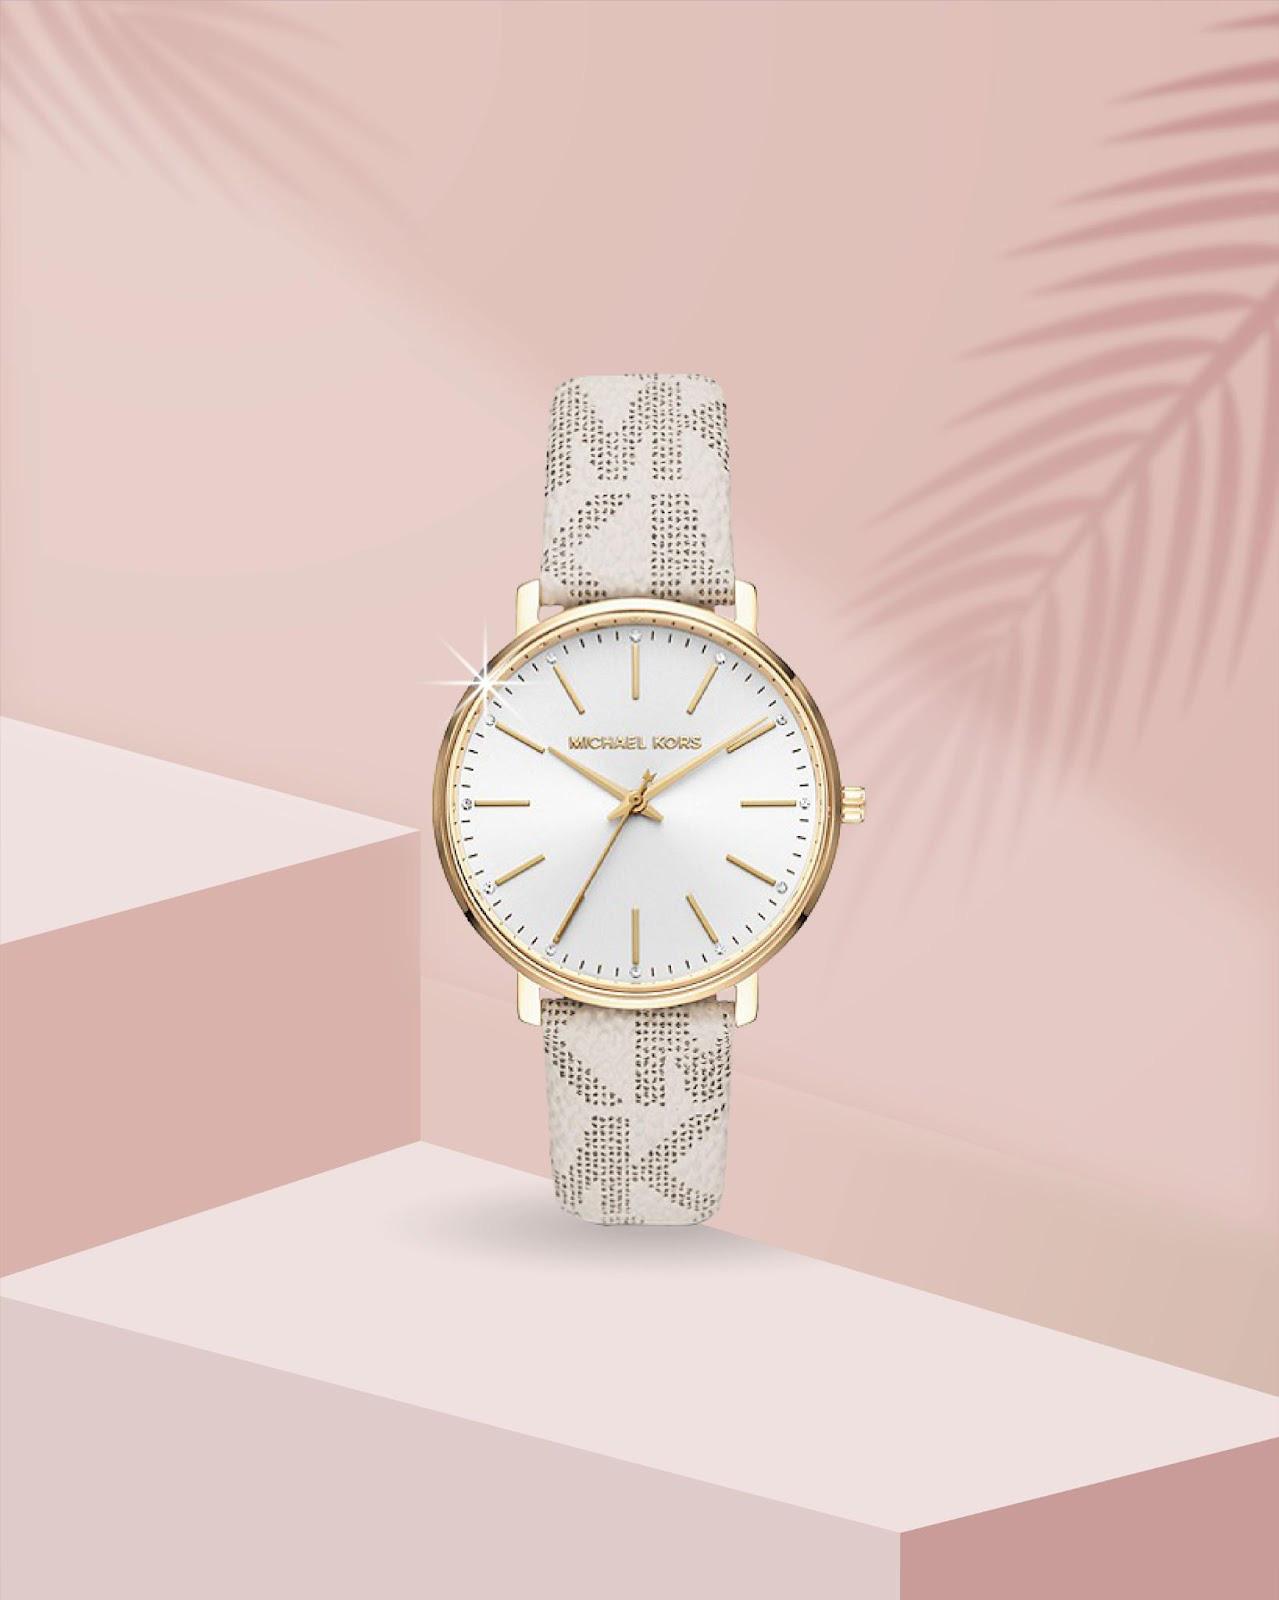 Top đồng hồ Michael Kors nữ mẫu mới vừa ra mắt gây sốt - Ảnh 2.